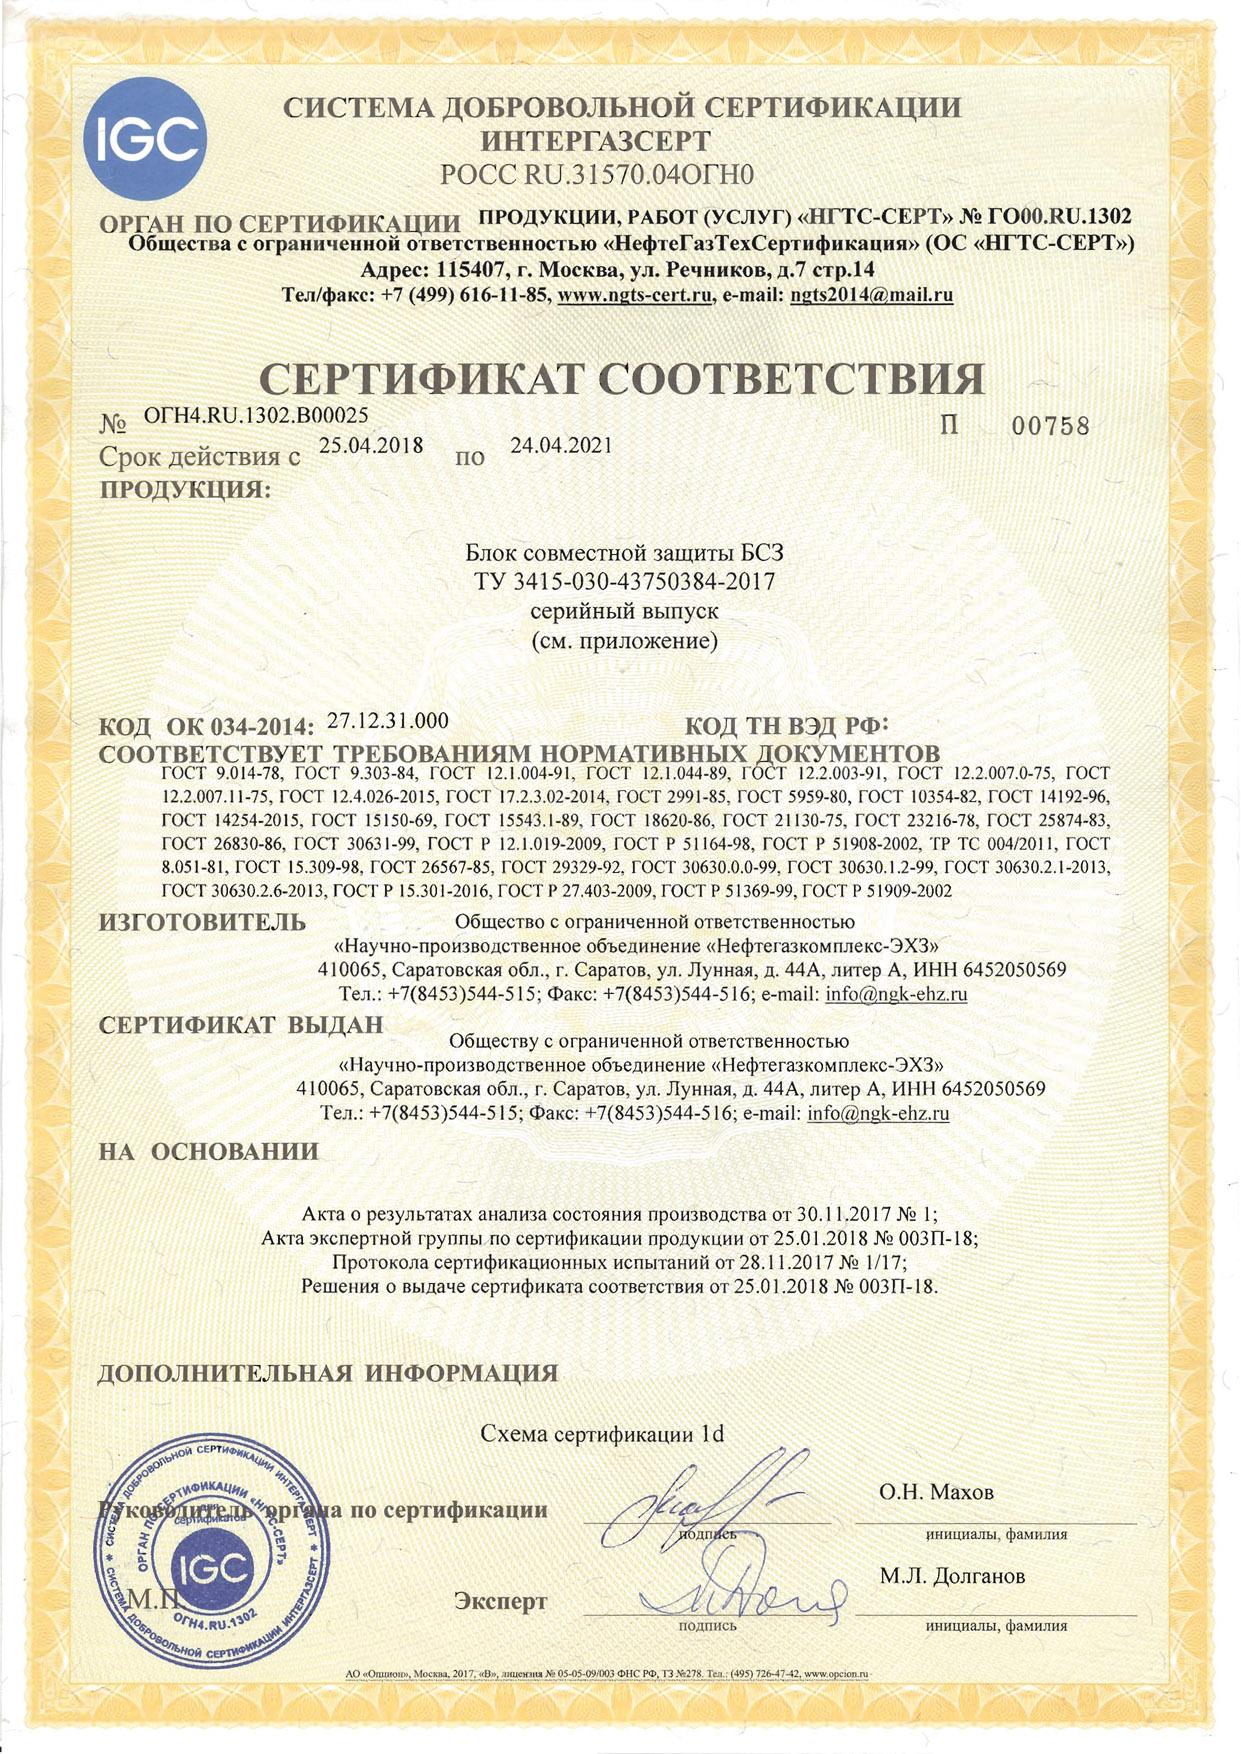 25 Нефтегазкомплекс-ЭХЗ (БСЗ)-1